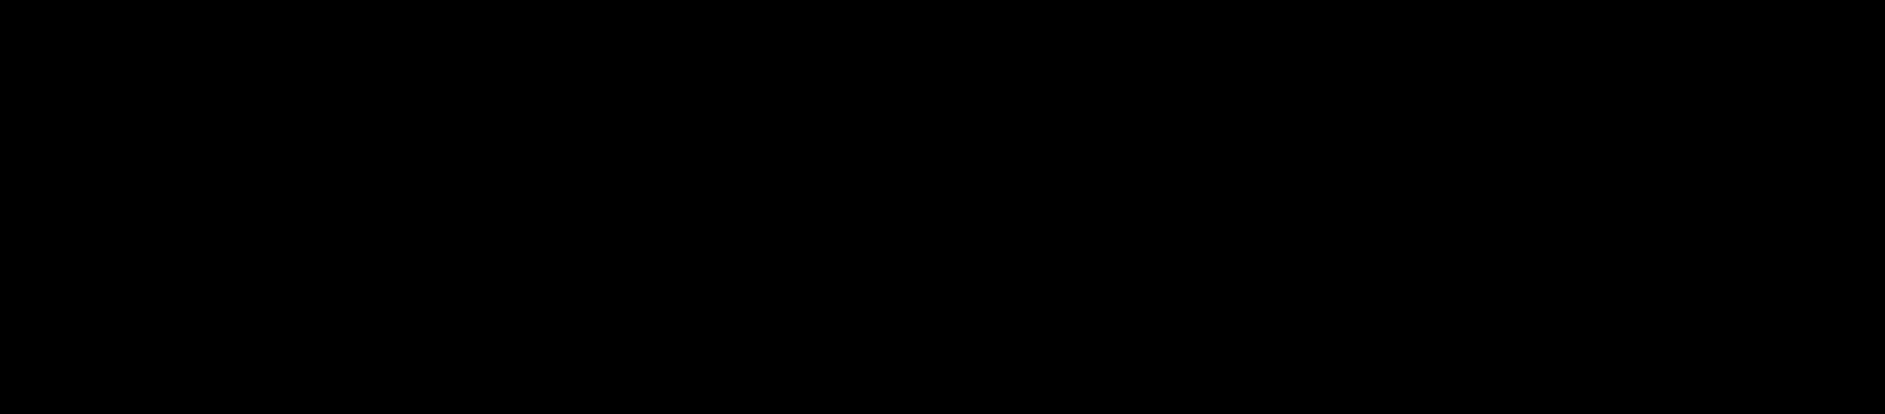 Kiva Kustannus